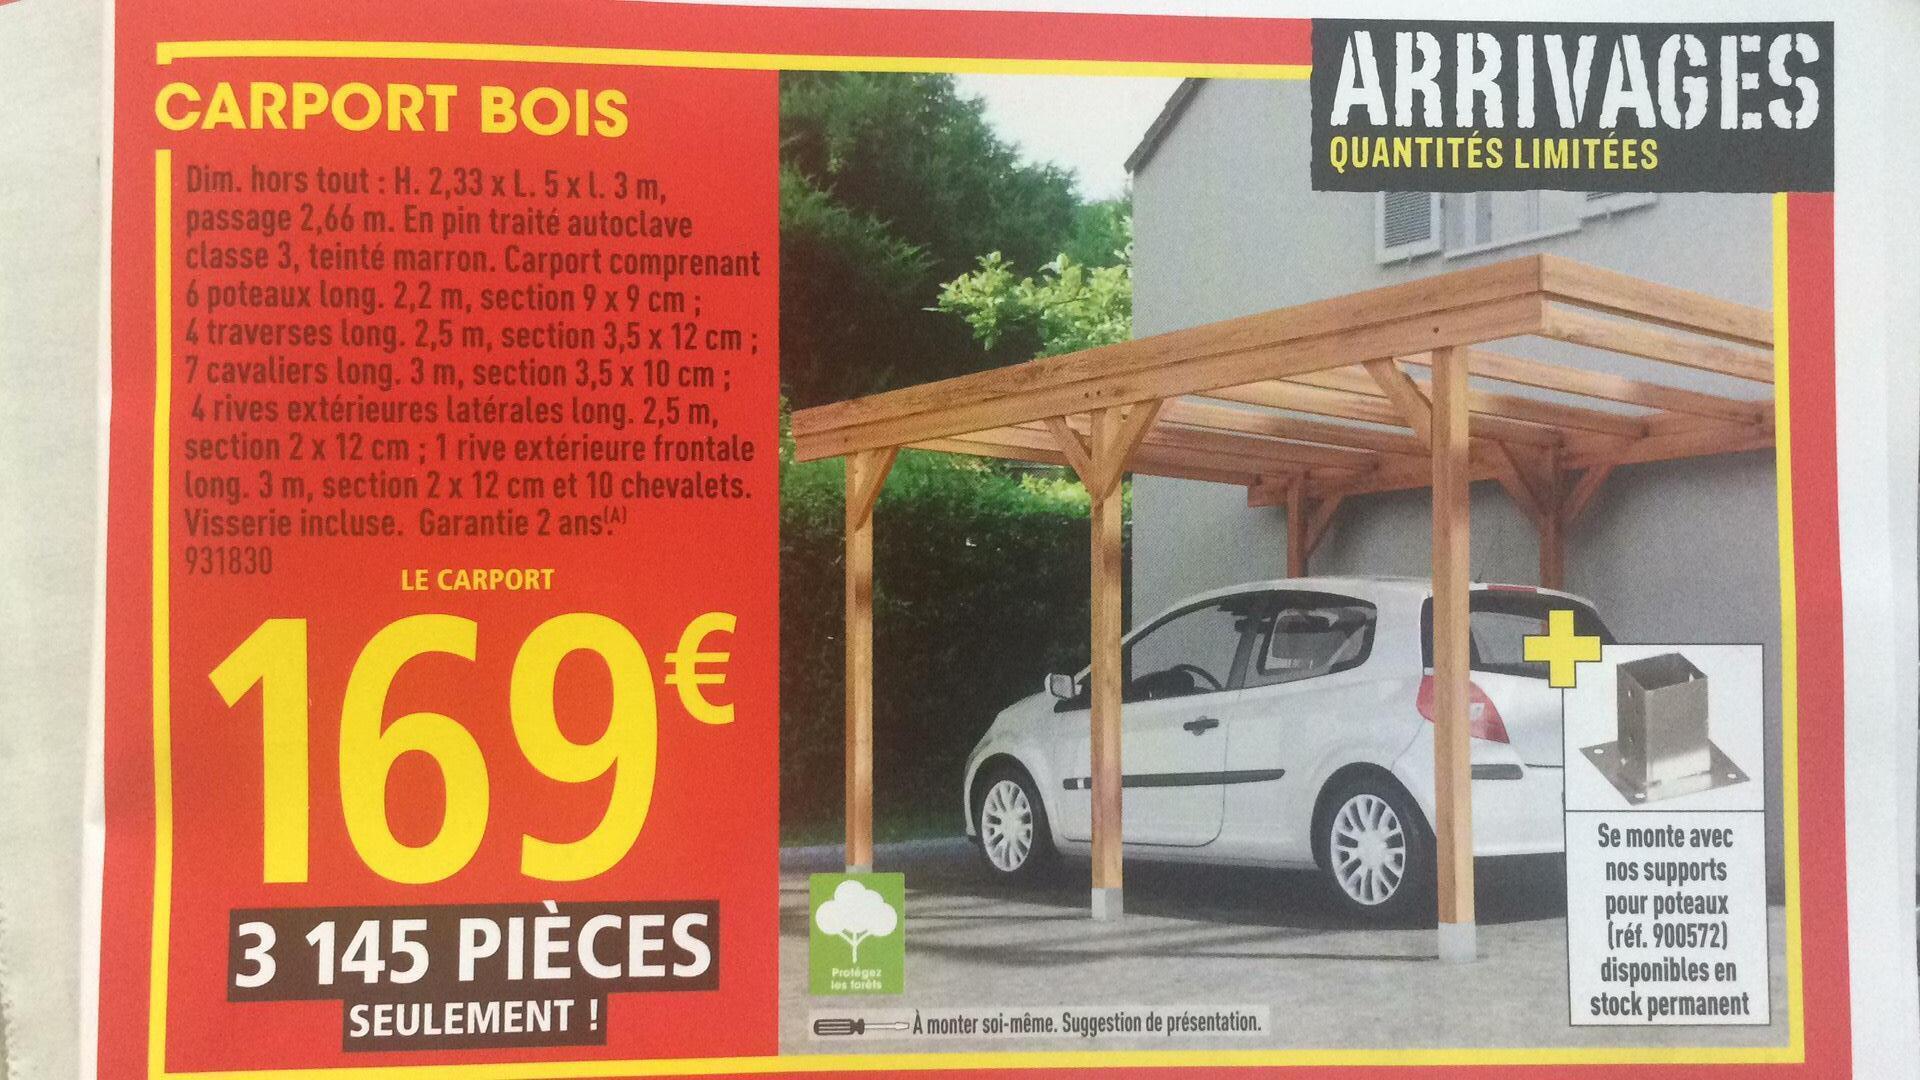 Carport en bois - 2.33m x 5 m x 3m